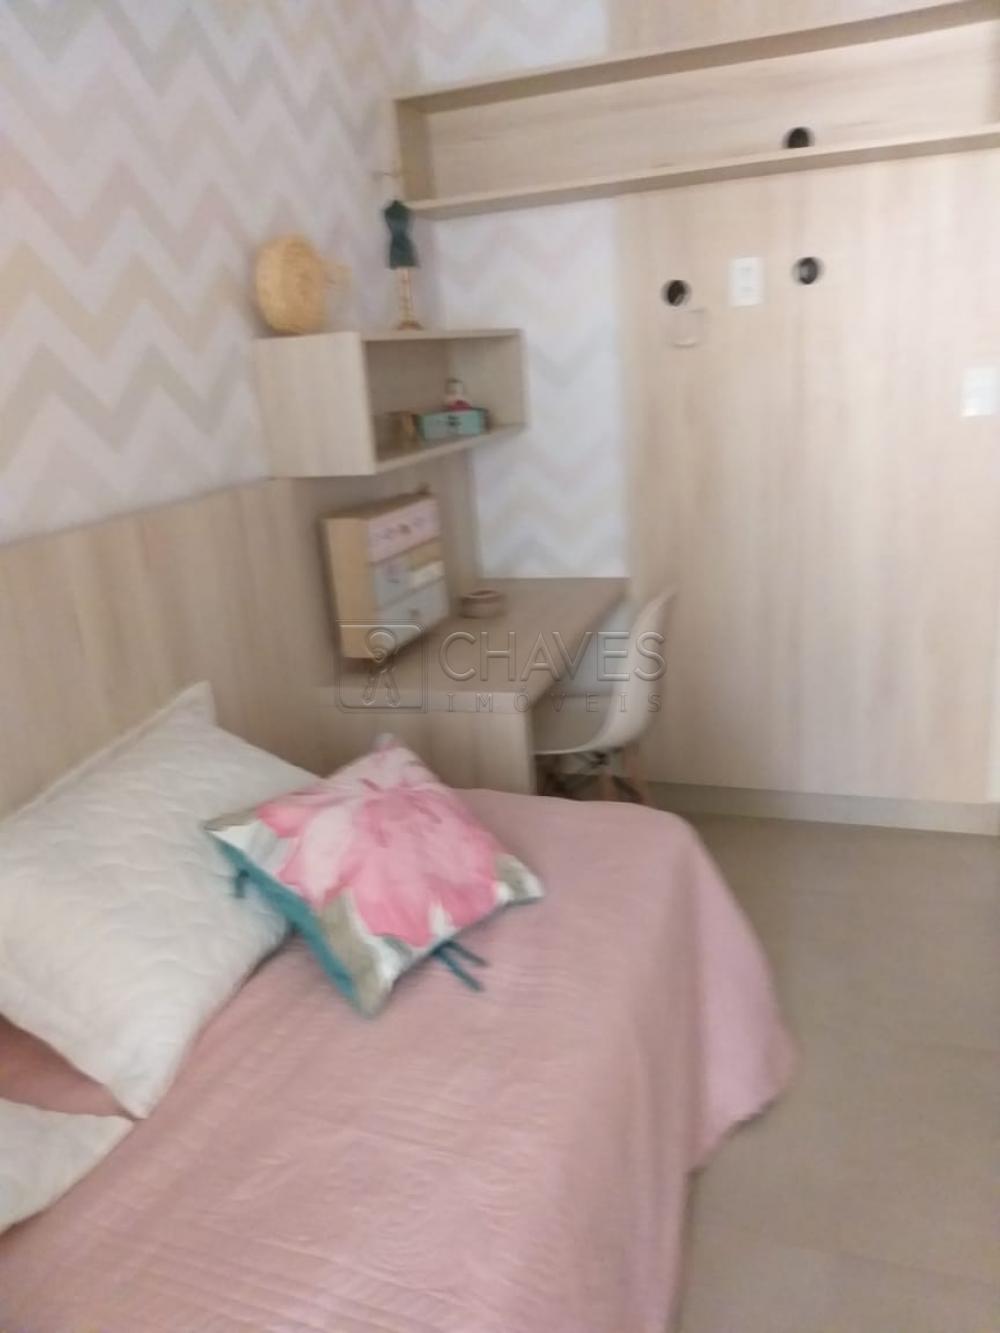 Comprar Apartamento / Padrão em Ribeirão Preto apenas R$ 586.450,00 - Foto 26